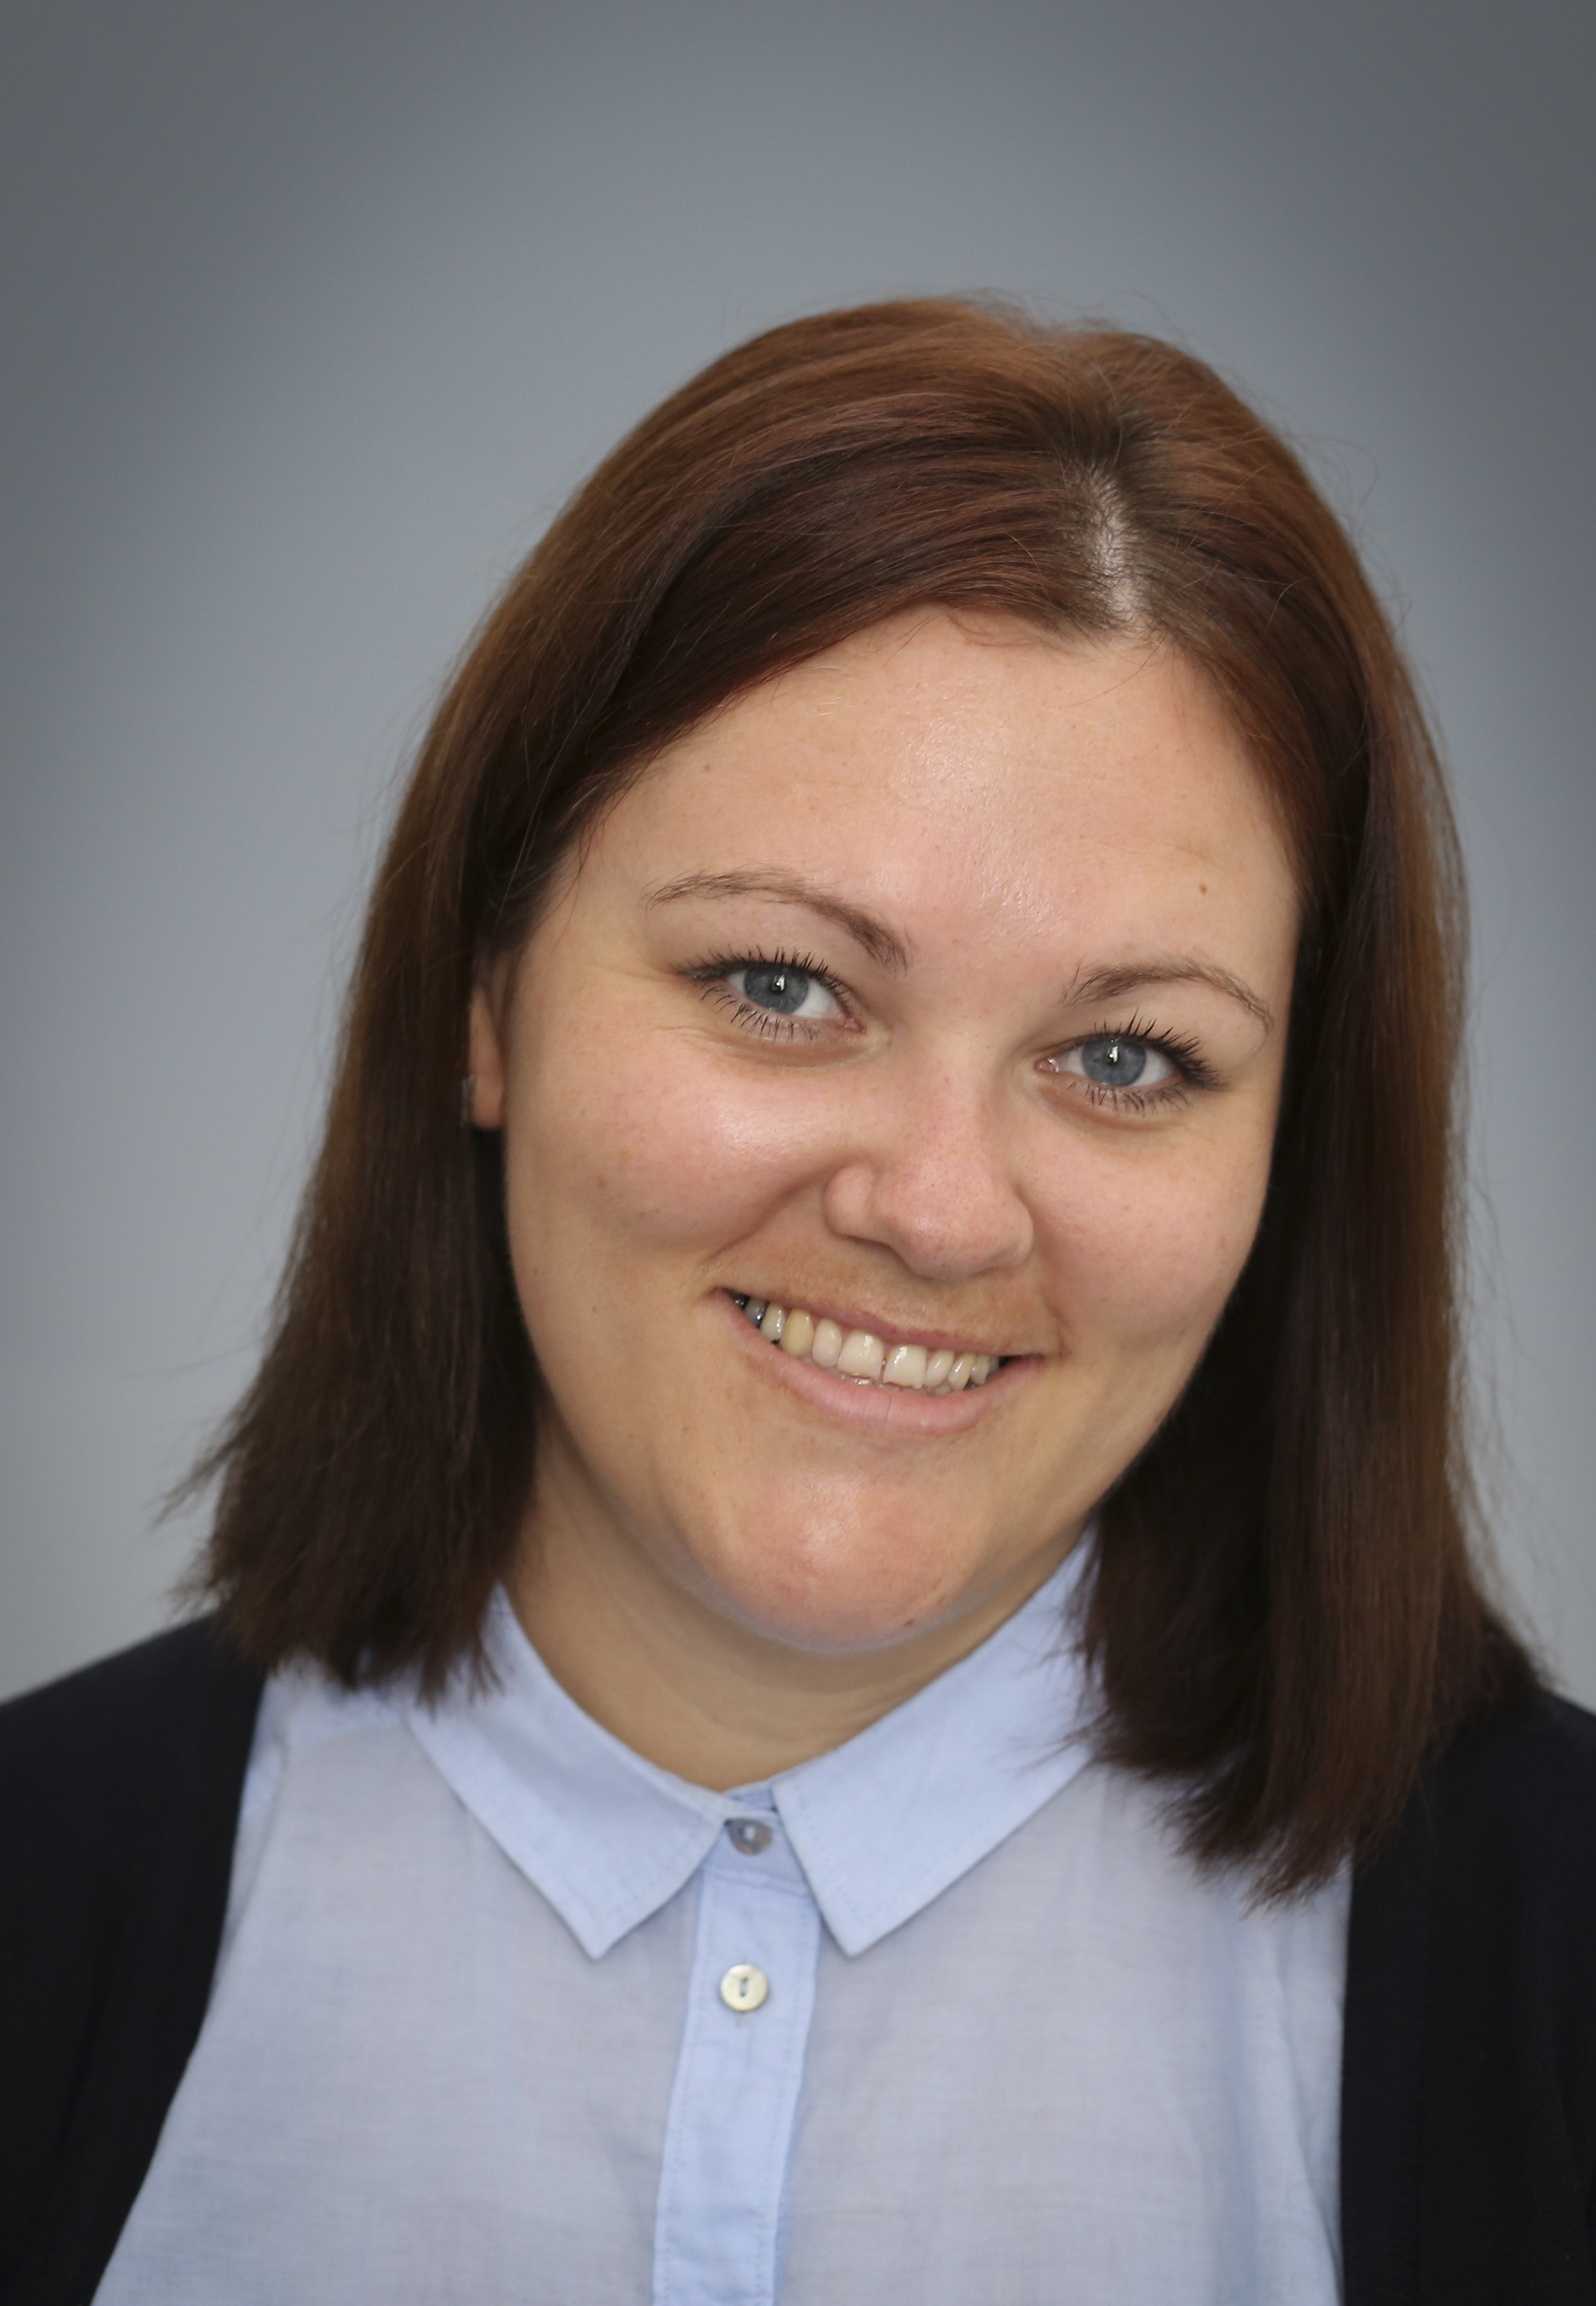 Anette Bech-Larsen